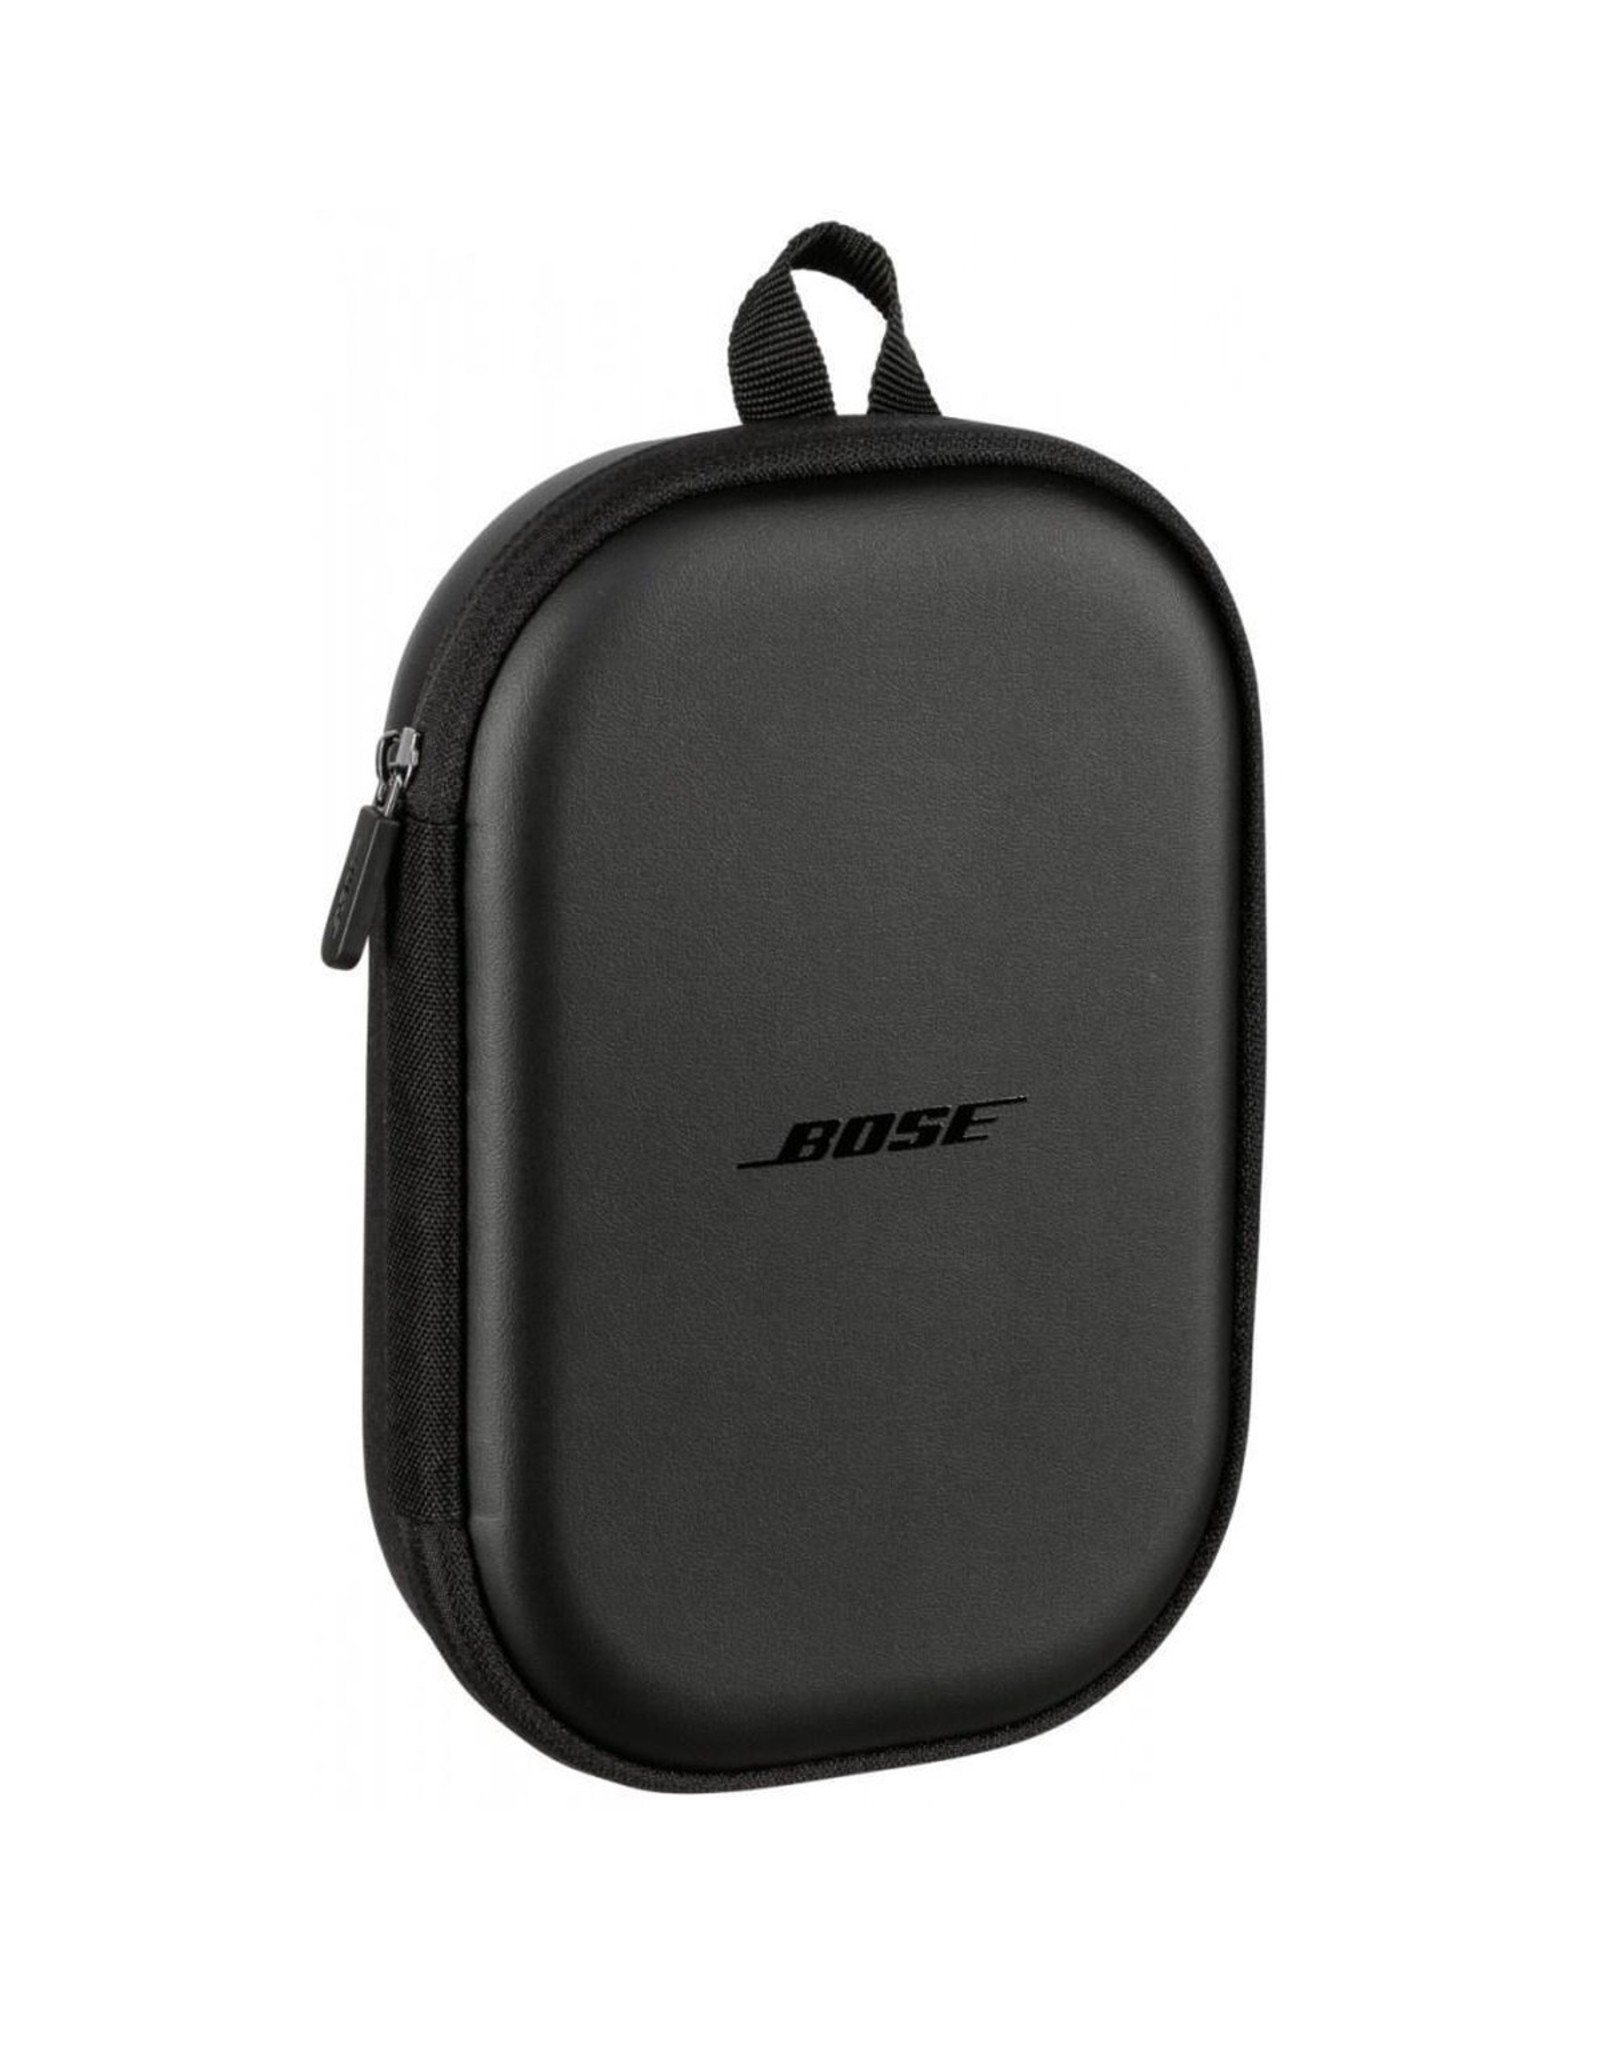 Bose Bose - QuietComfort 35 serie II - Draadloze over-ear koptelefoon - Zilver